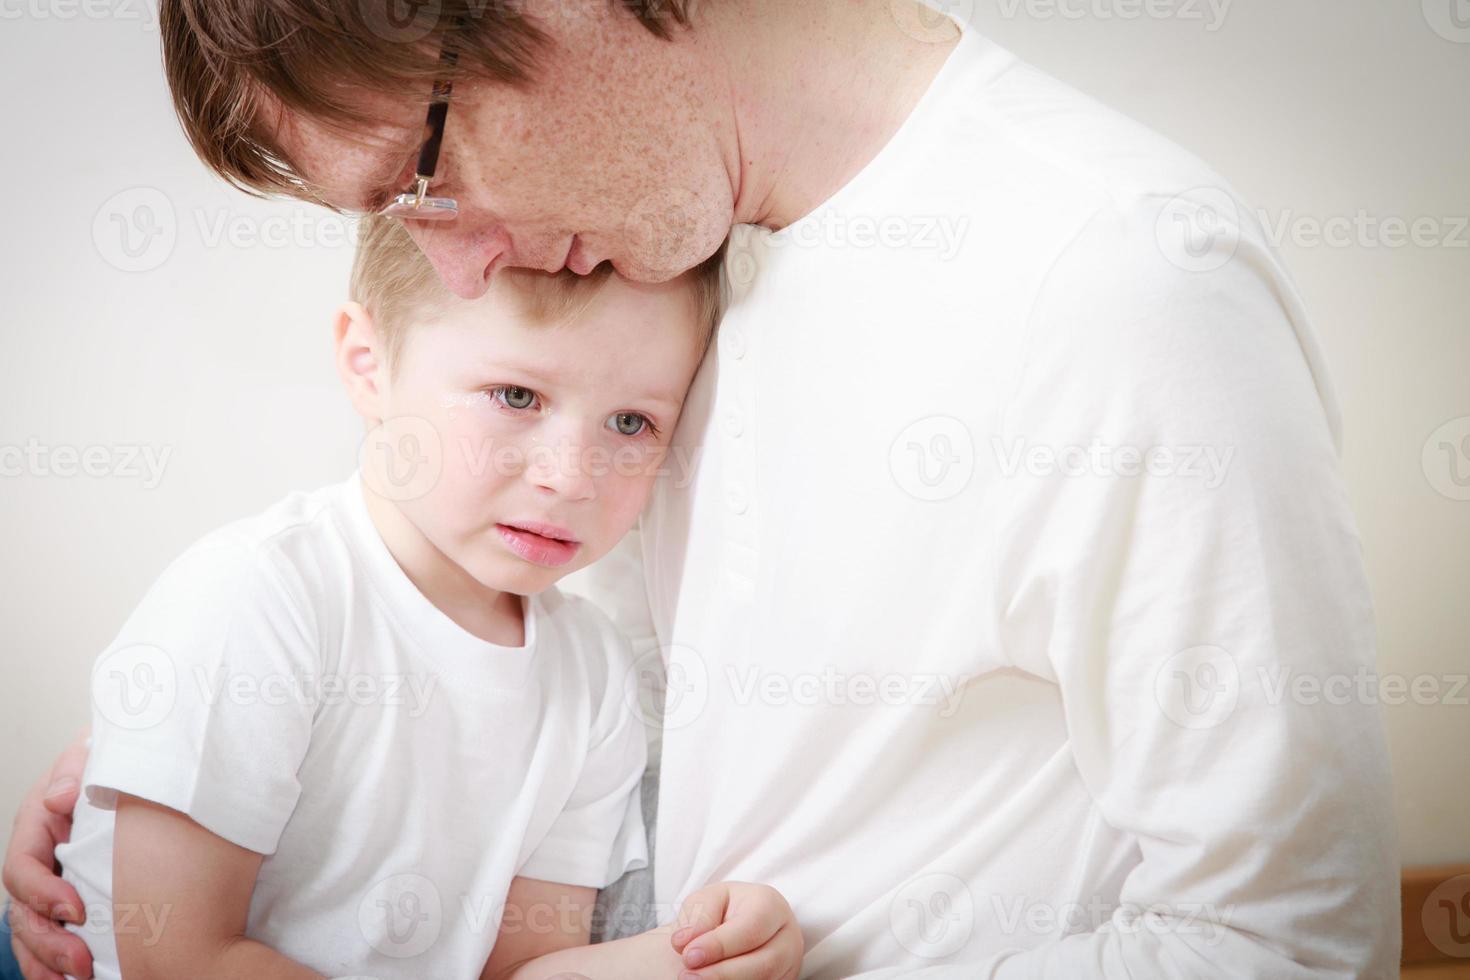 padre confortante figlio in lacrime foto